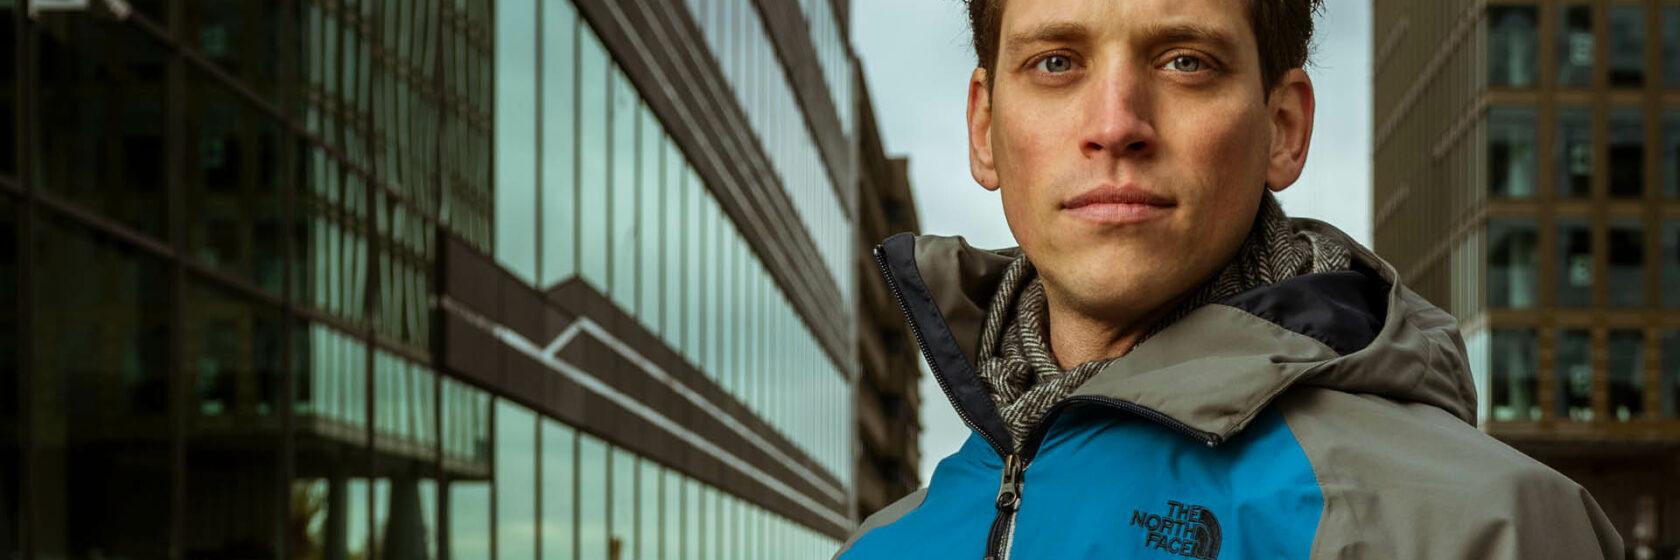 Portretfoto van Sweco adviseur Arend van Woerden overdag